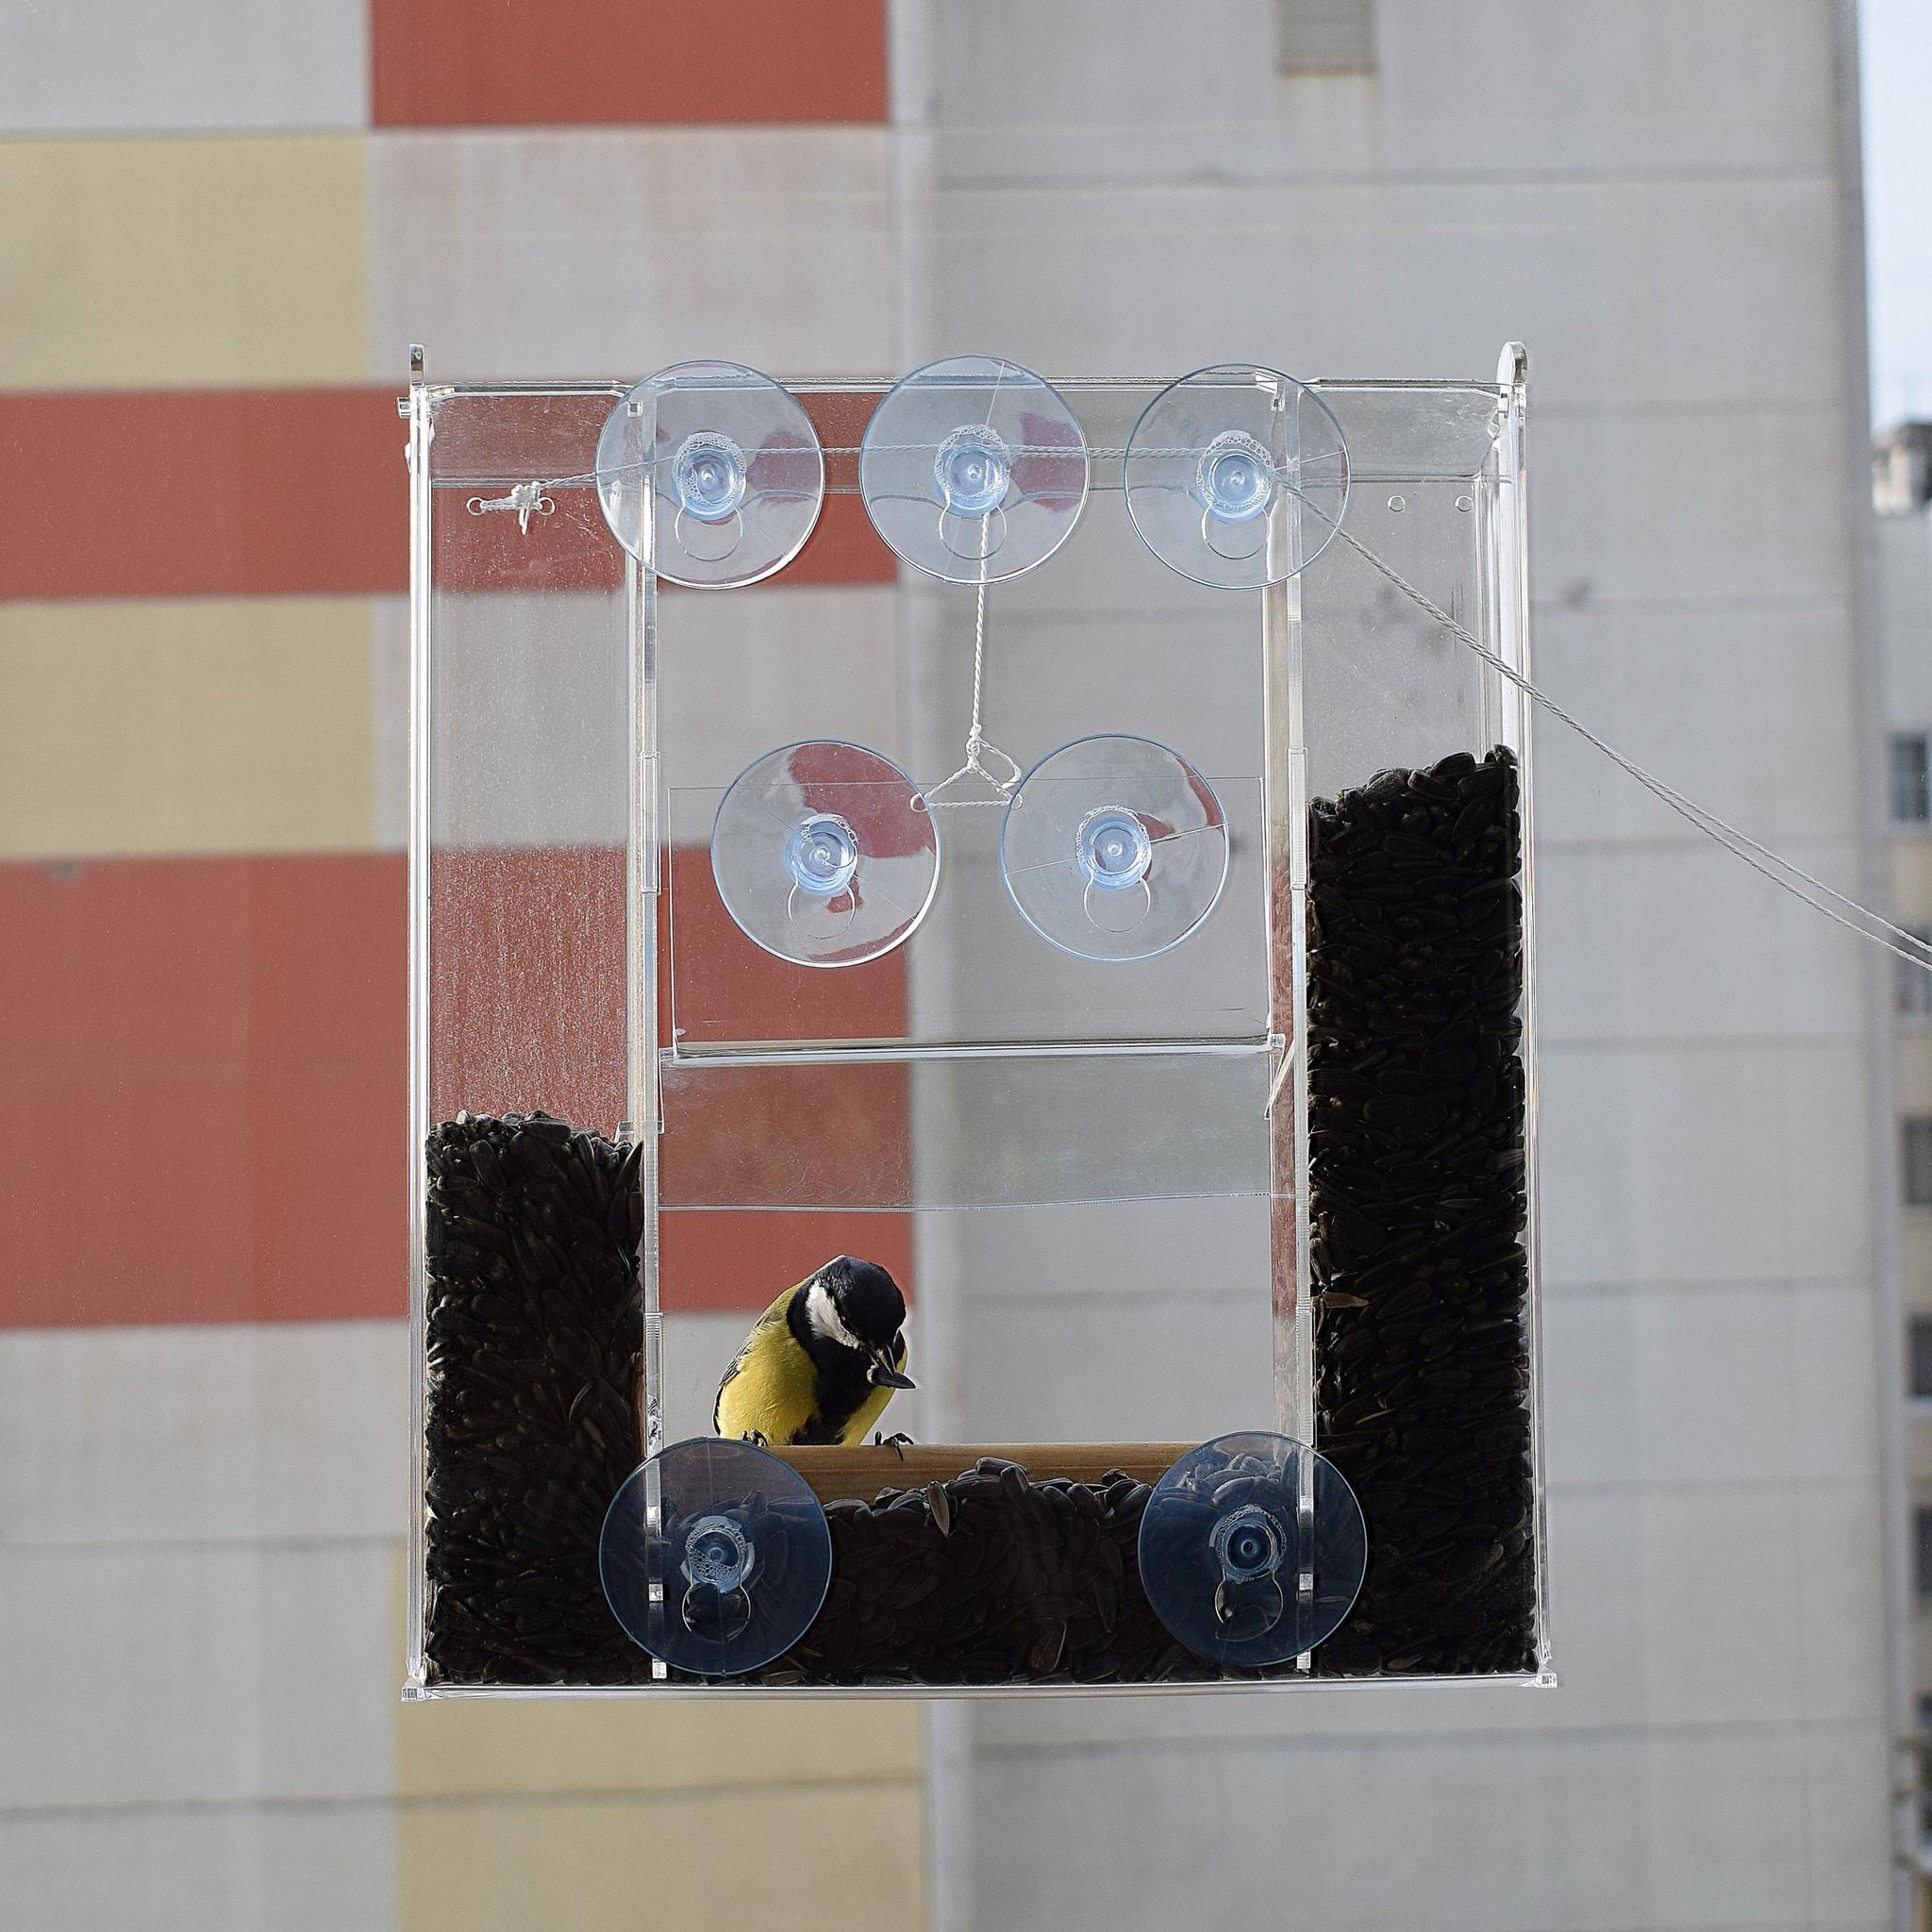 Кормушка на окно Эверест вместе со 100% защитой от голубей